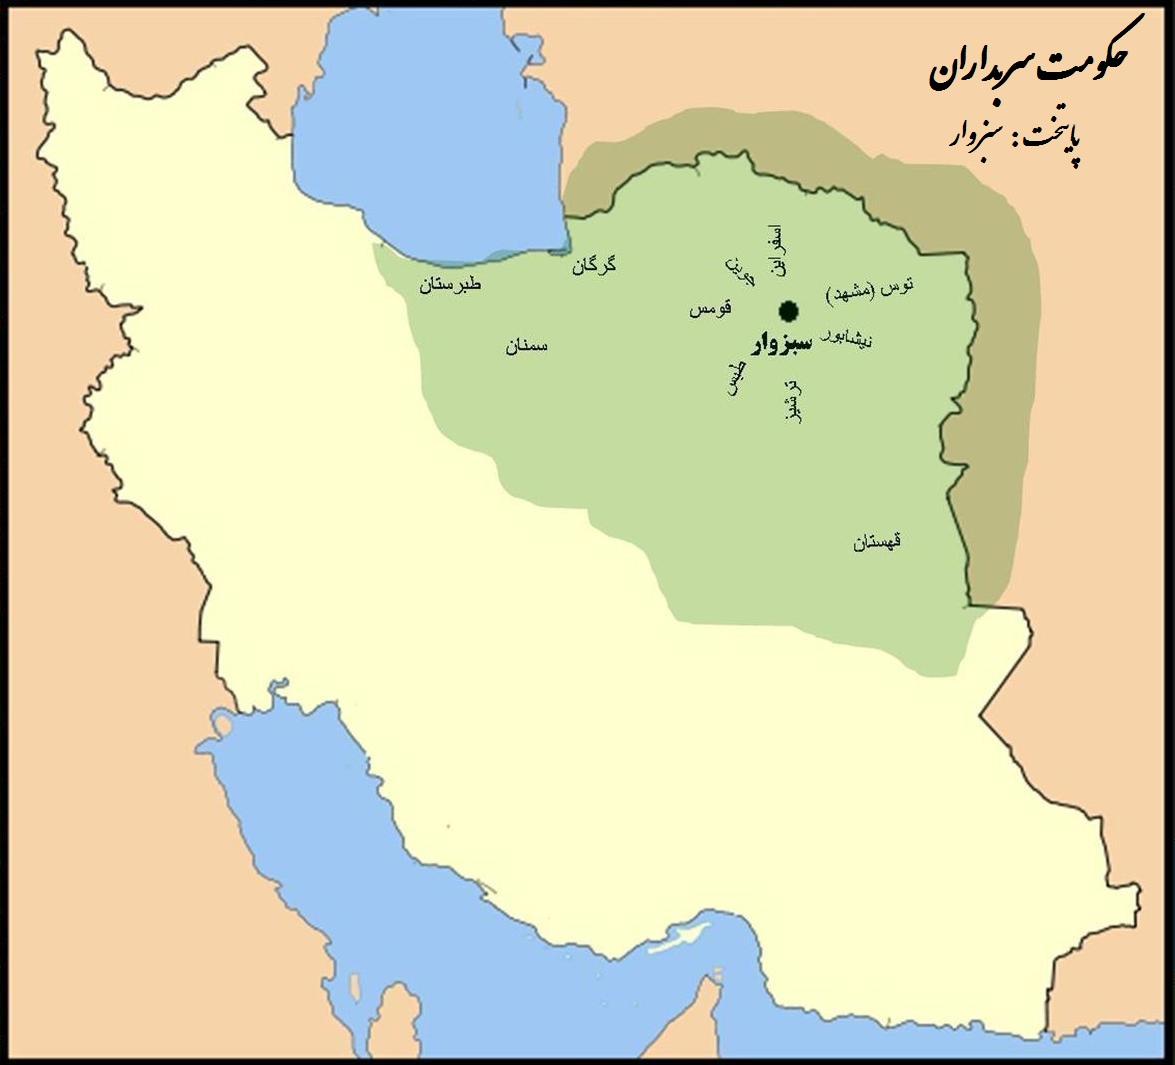 سربداران نقشه قلمرو